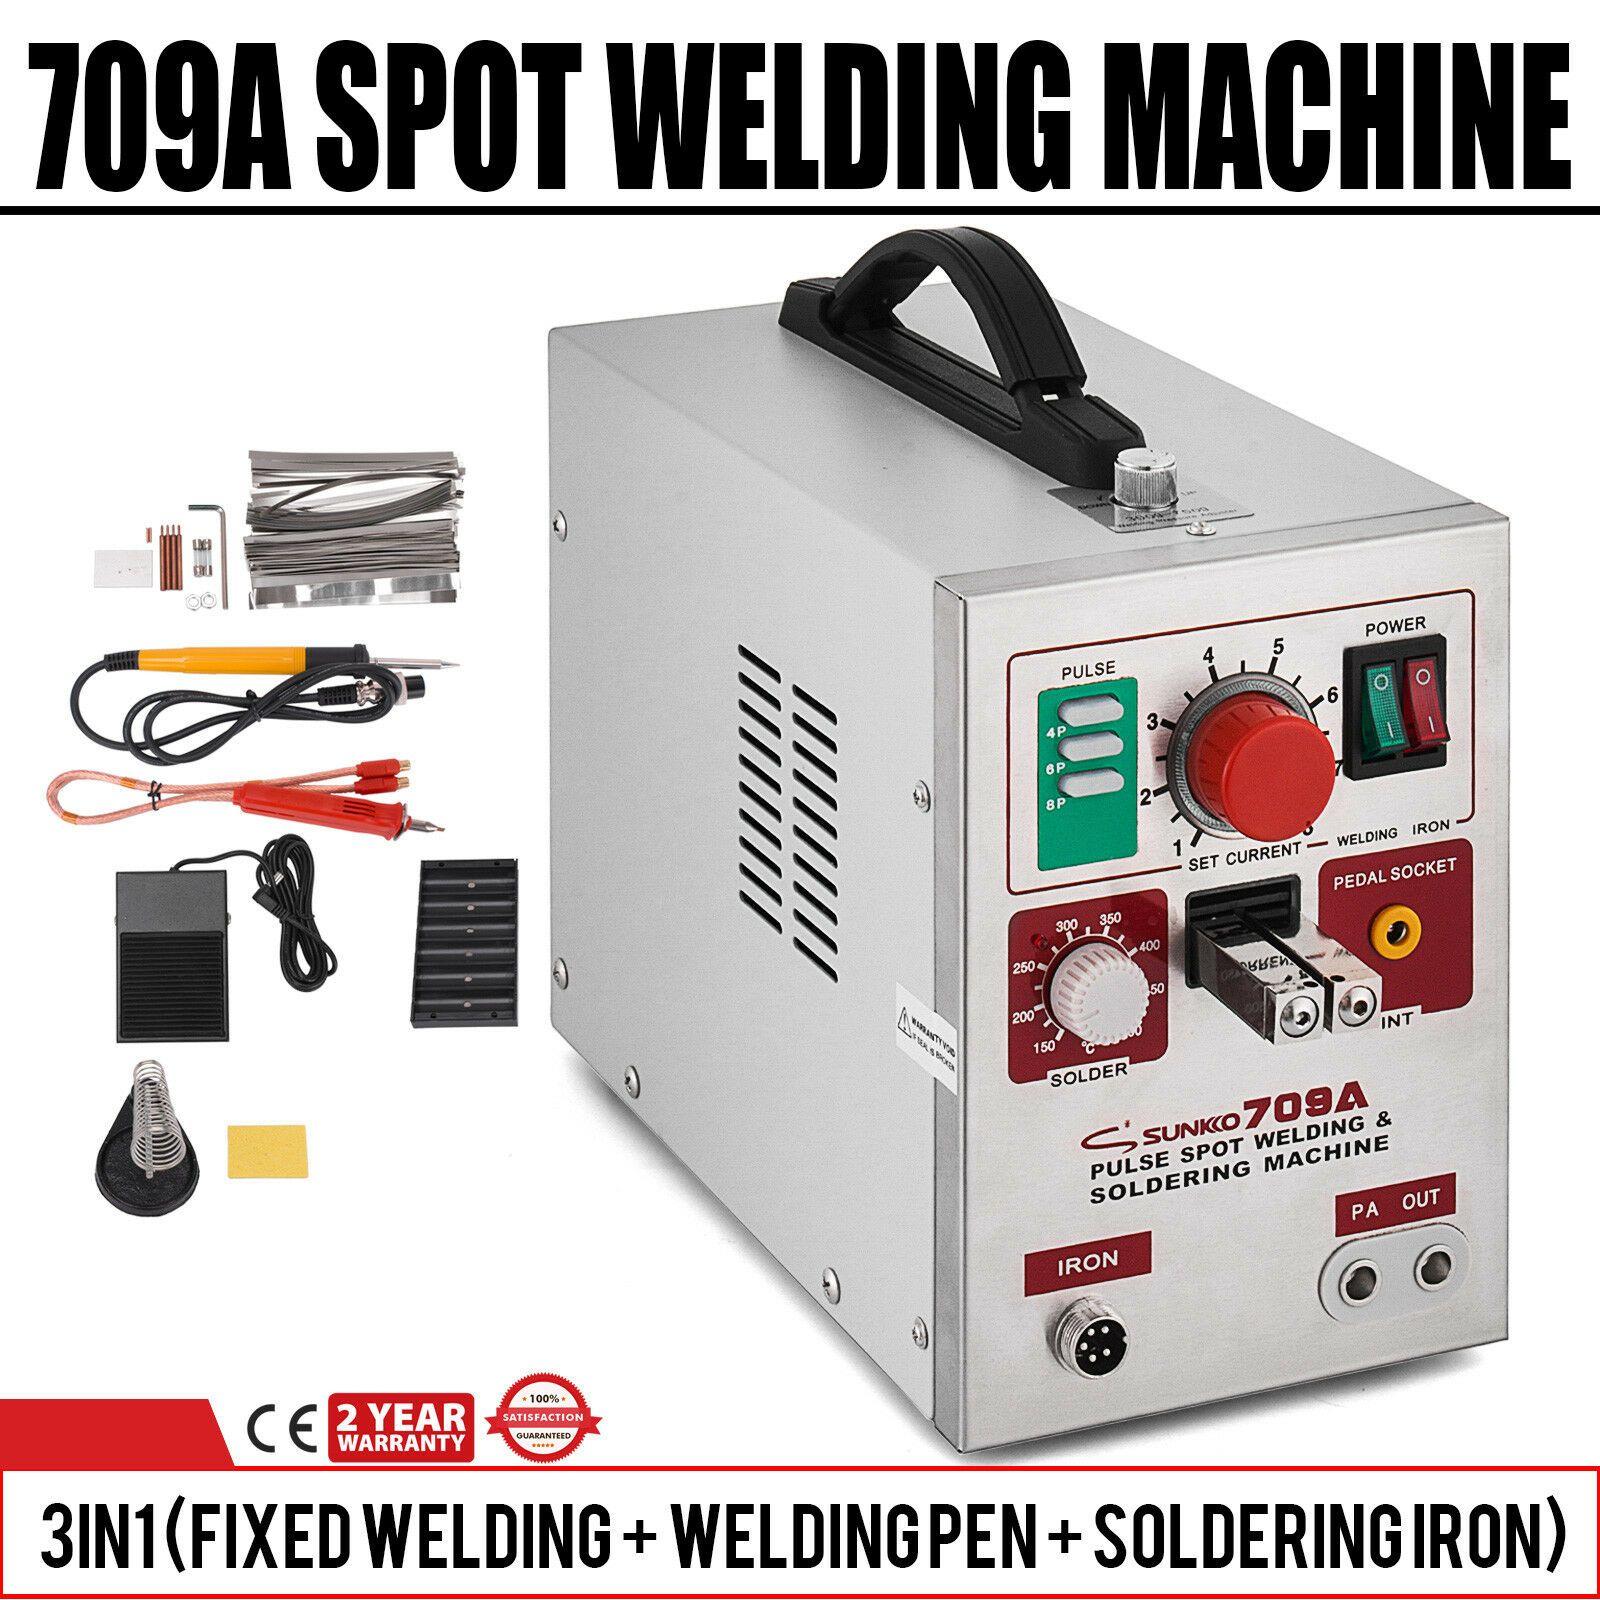 ماكينة لحام بقعة موبايل المحمولة 709A 2-in-1 مع آلة لحام بقعة إضاءة LED قابلة للتعديل